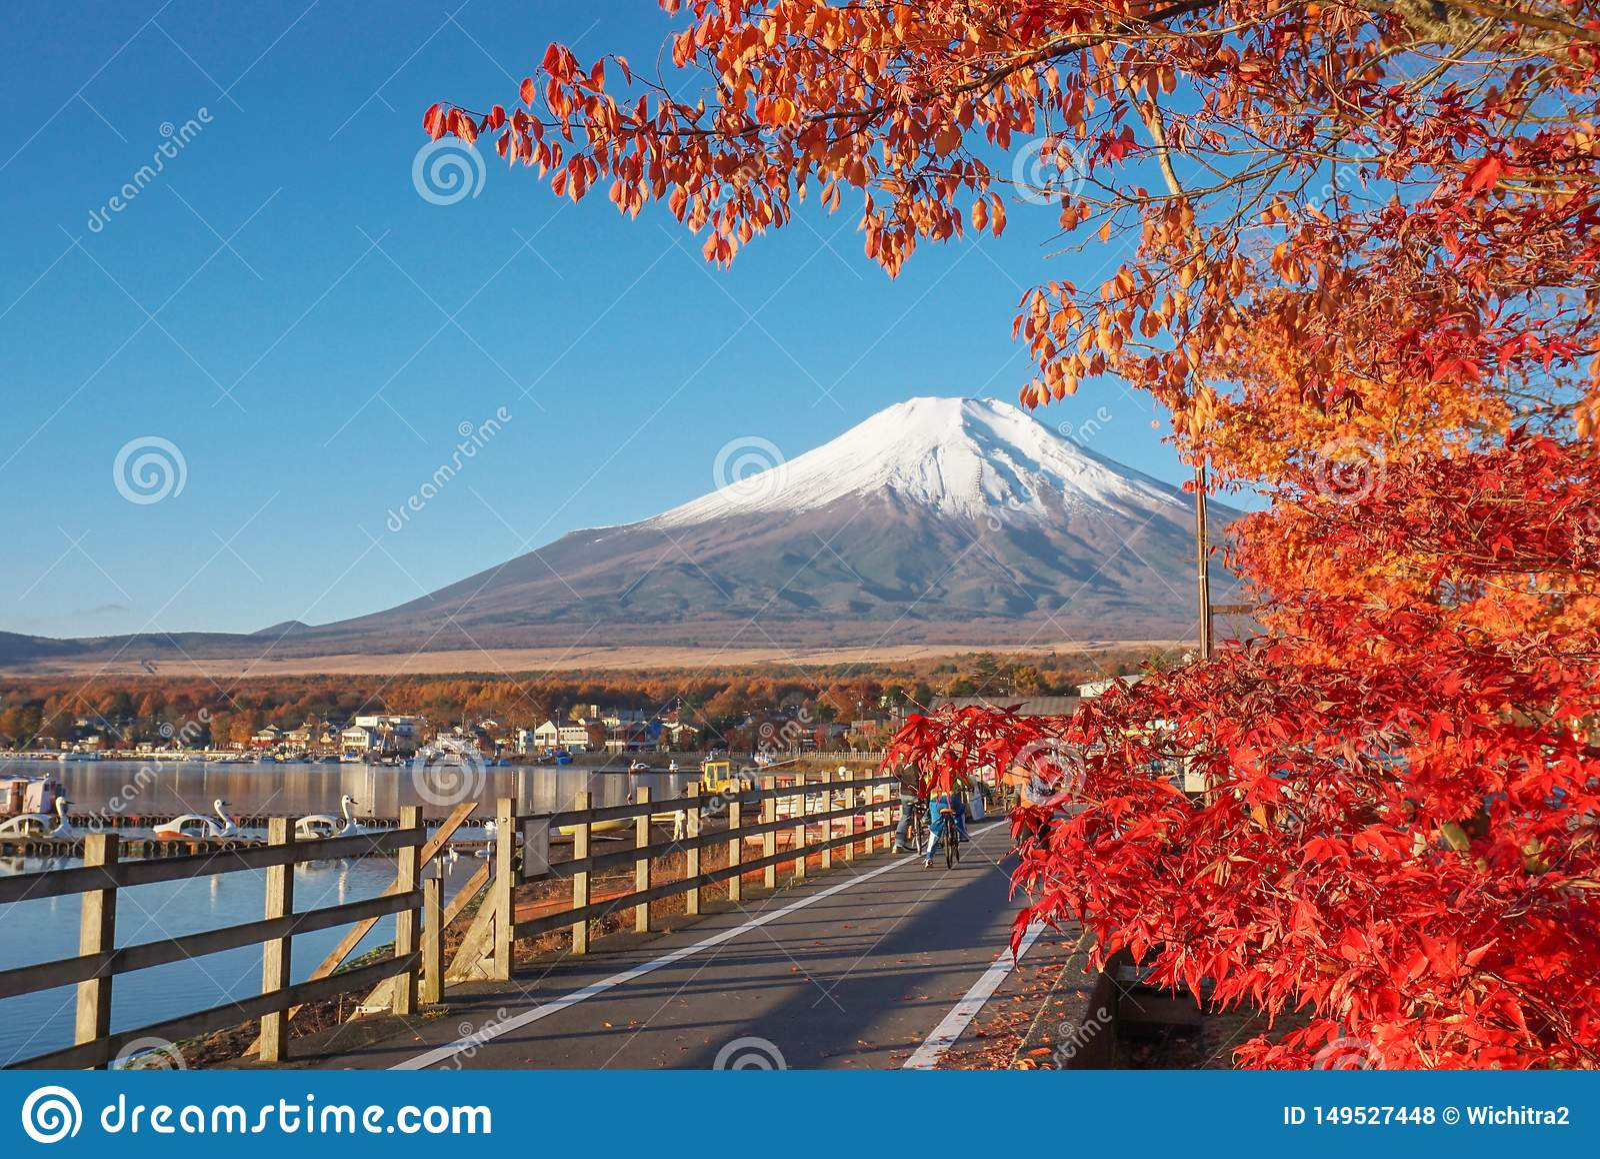 Zet Fuji met coulourful van esdoornbladeren bij Meer Yamanaka op